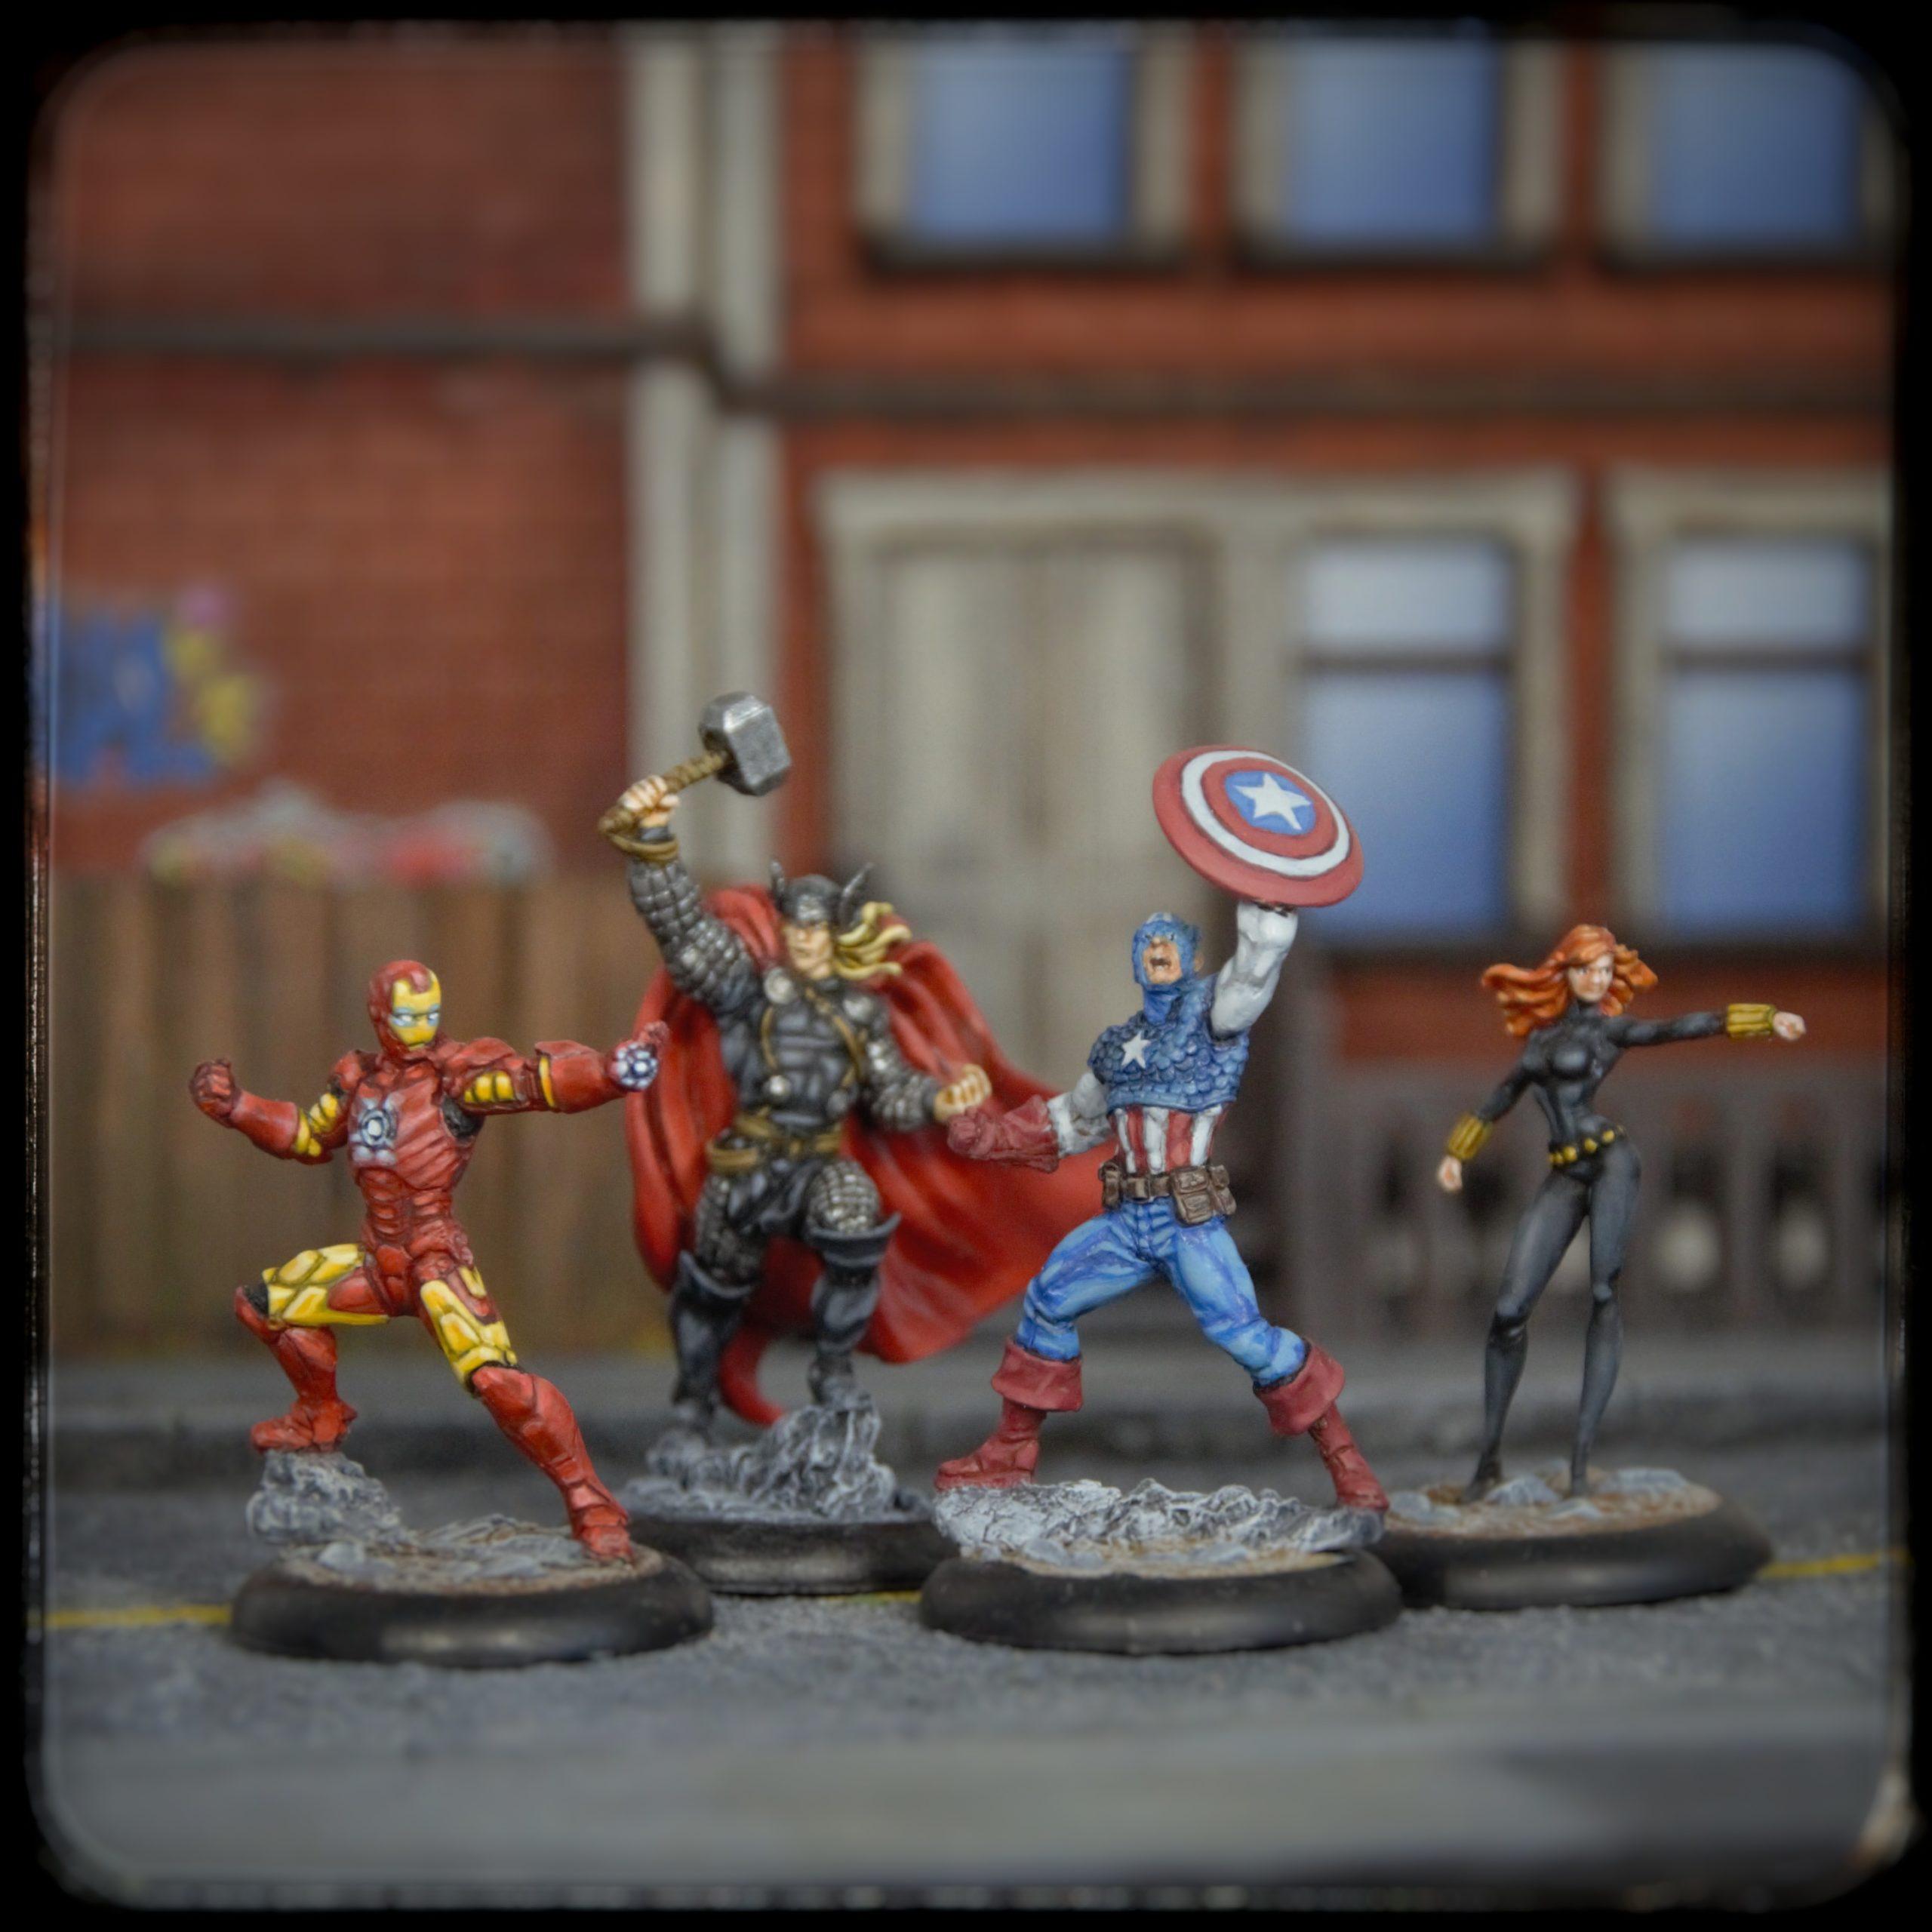 Marvel Avengers Knight Models